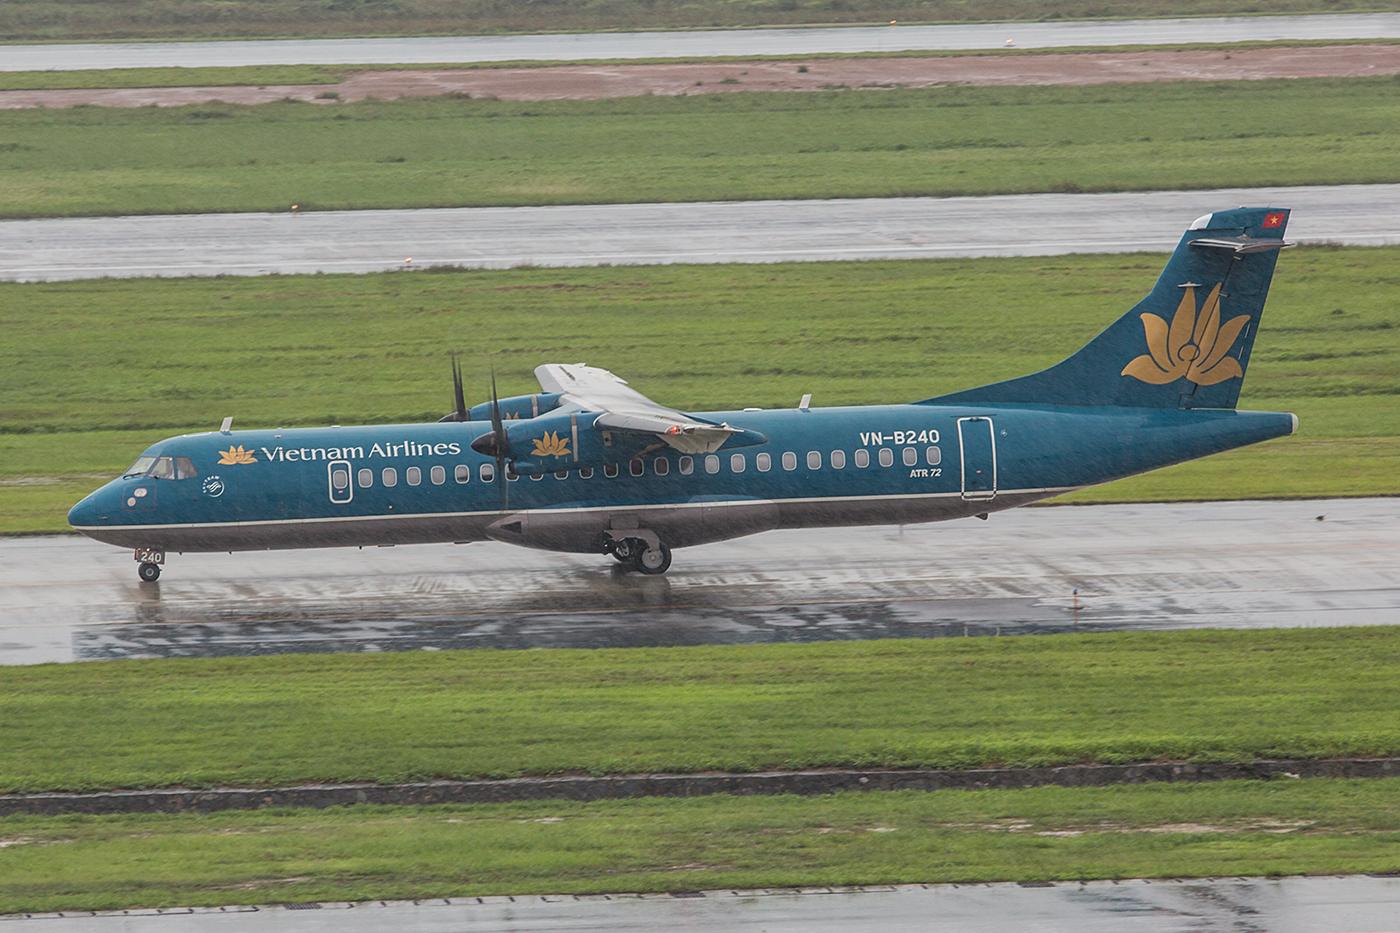 Auch ab Hanoi verkehren einige ATR72 auf kurzen Strecken.